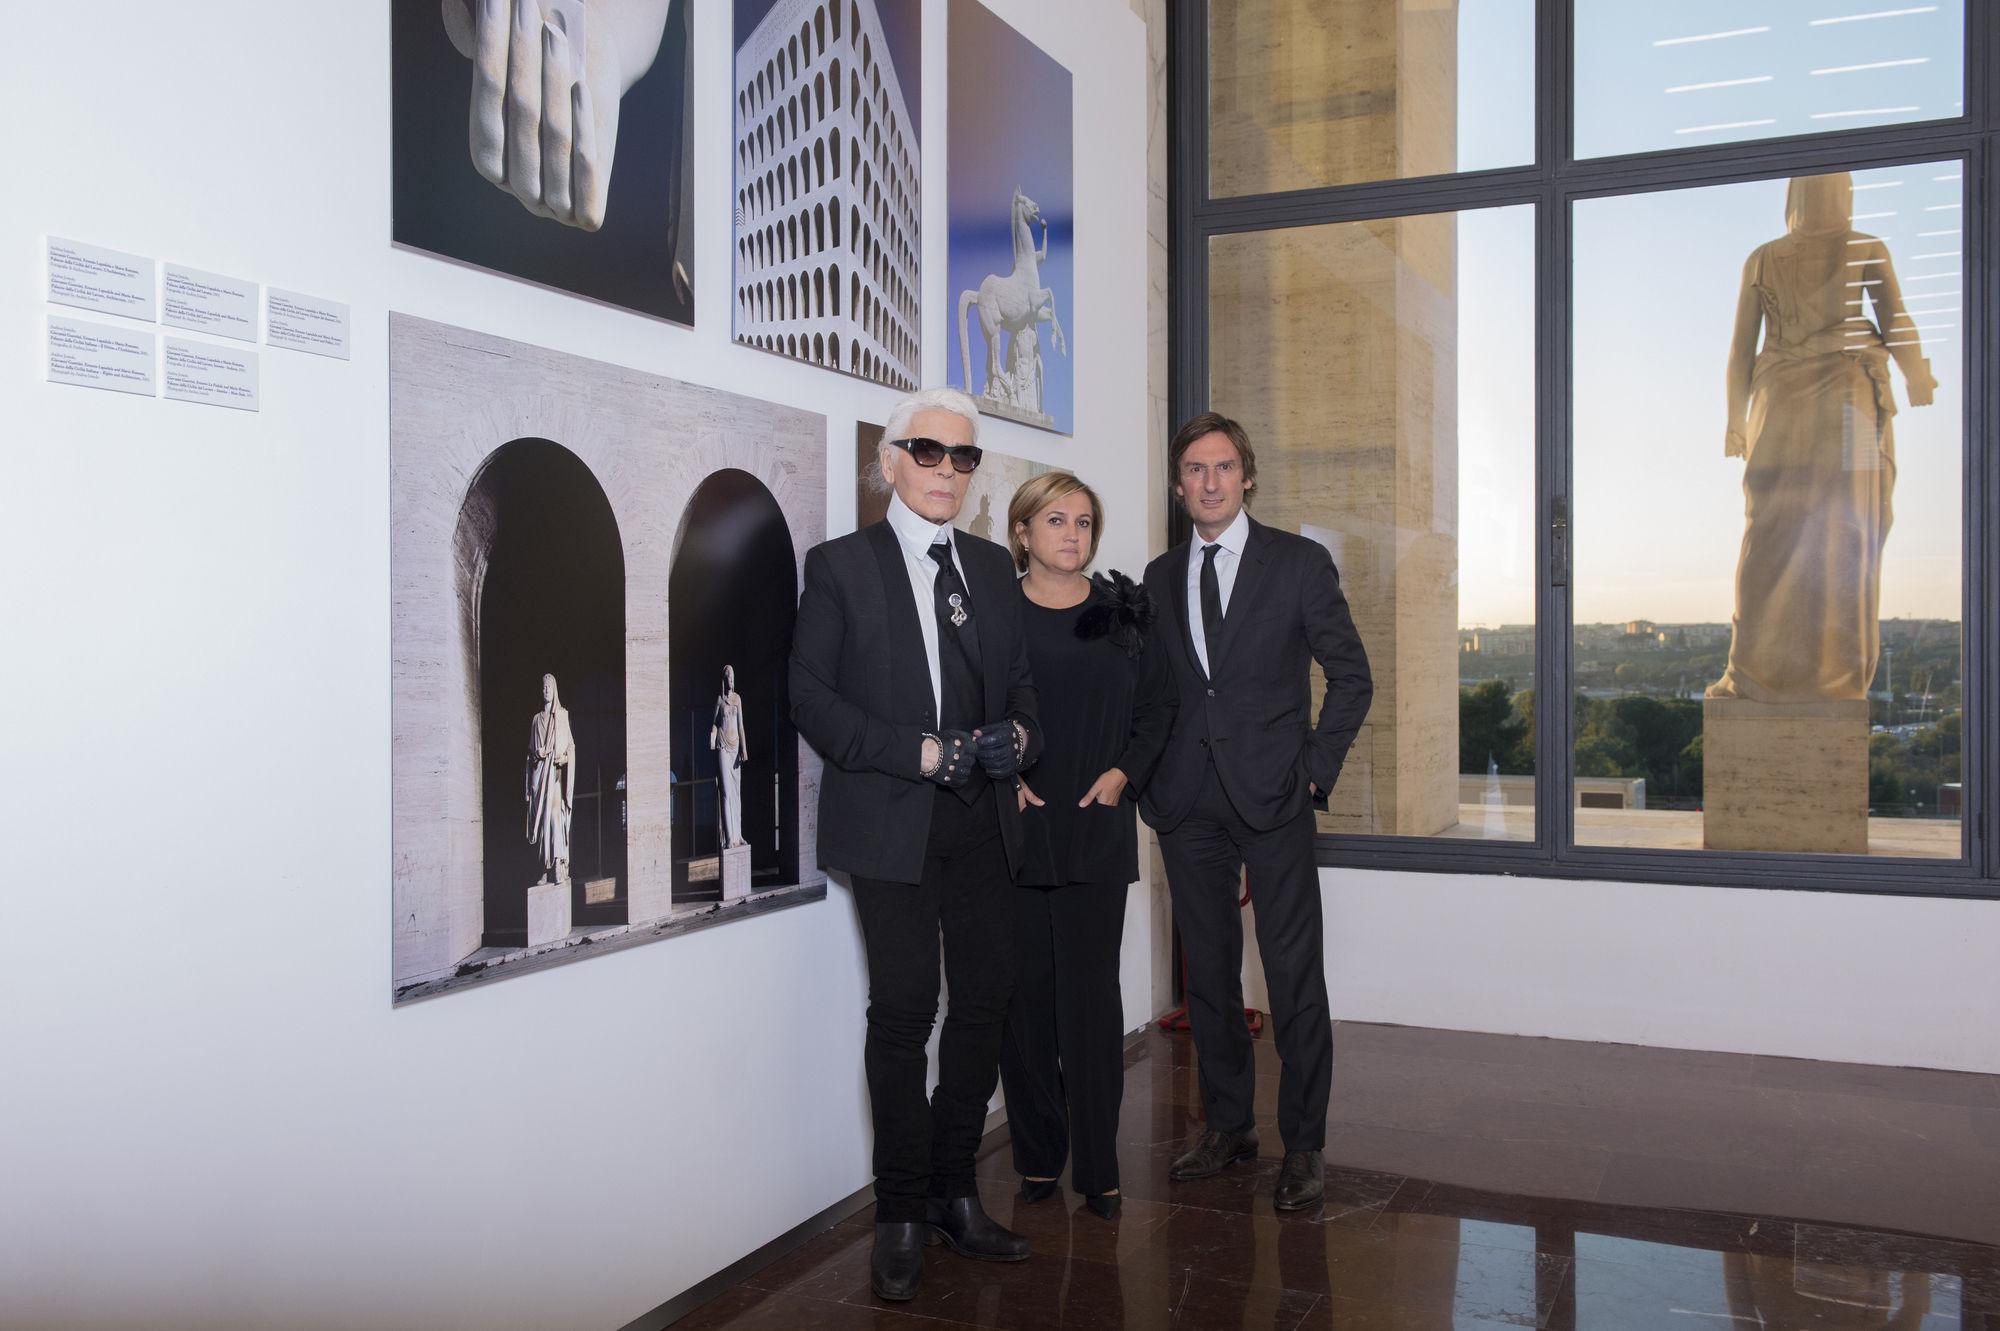 Gosee gosee fashion fendi inaugurates its new for Palazzo della civilta italiana fendi